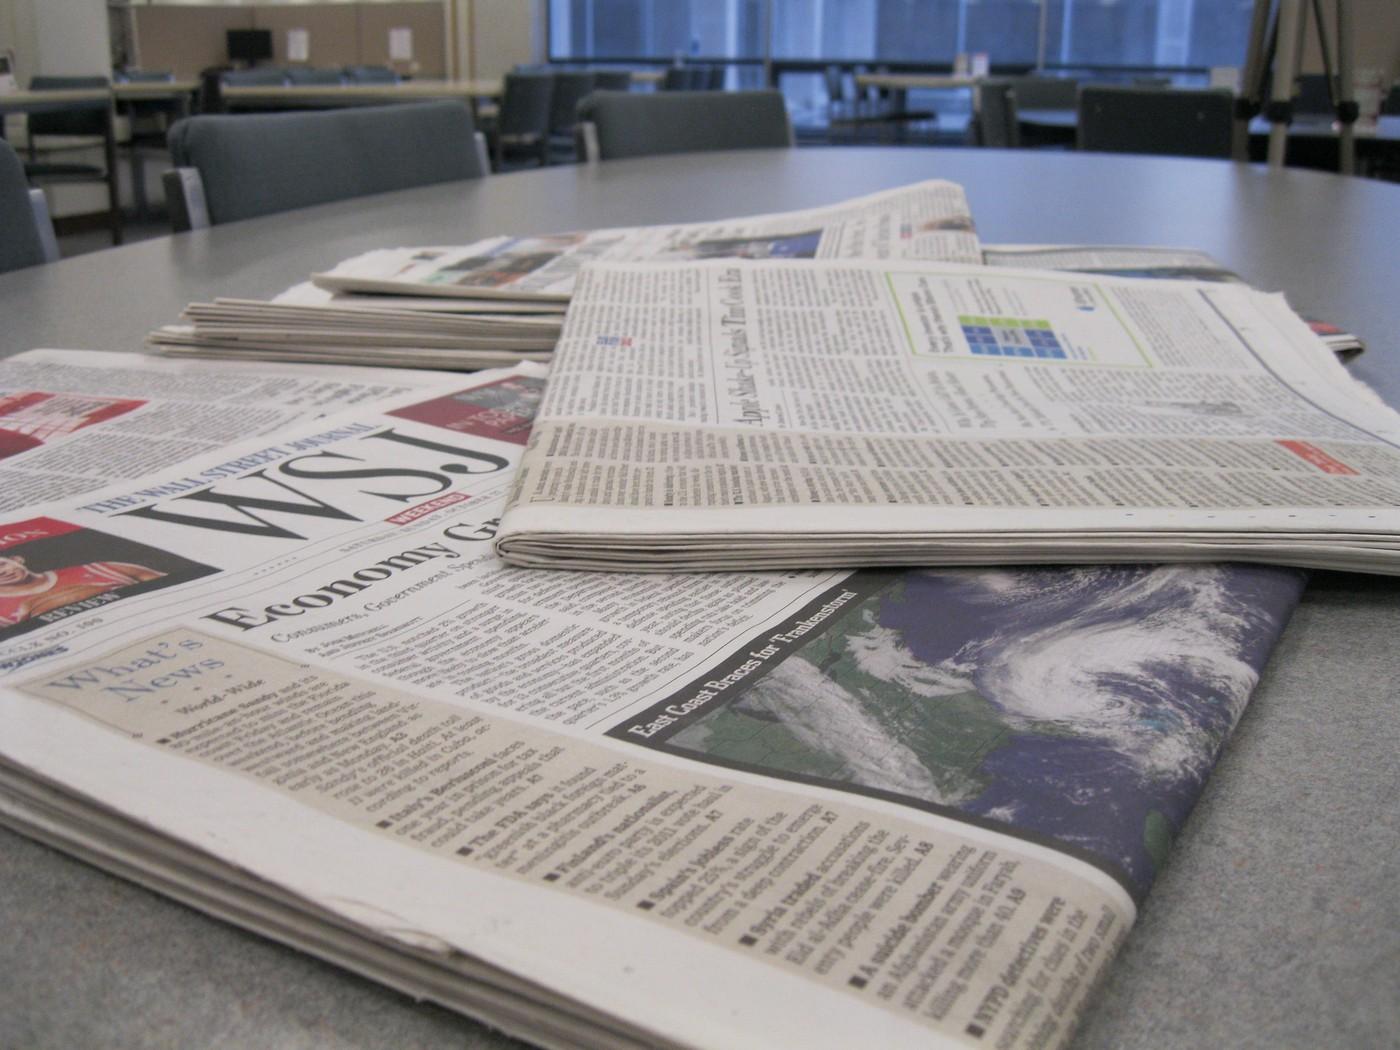 《華爾街日報》將被出售?已開始詢問員工離職意願與意見